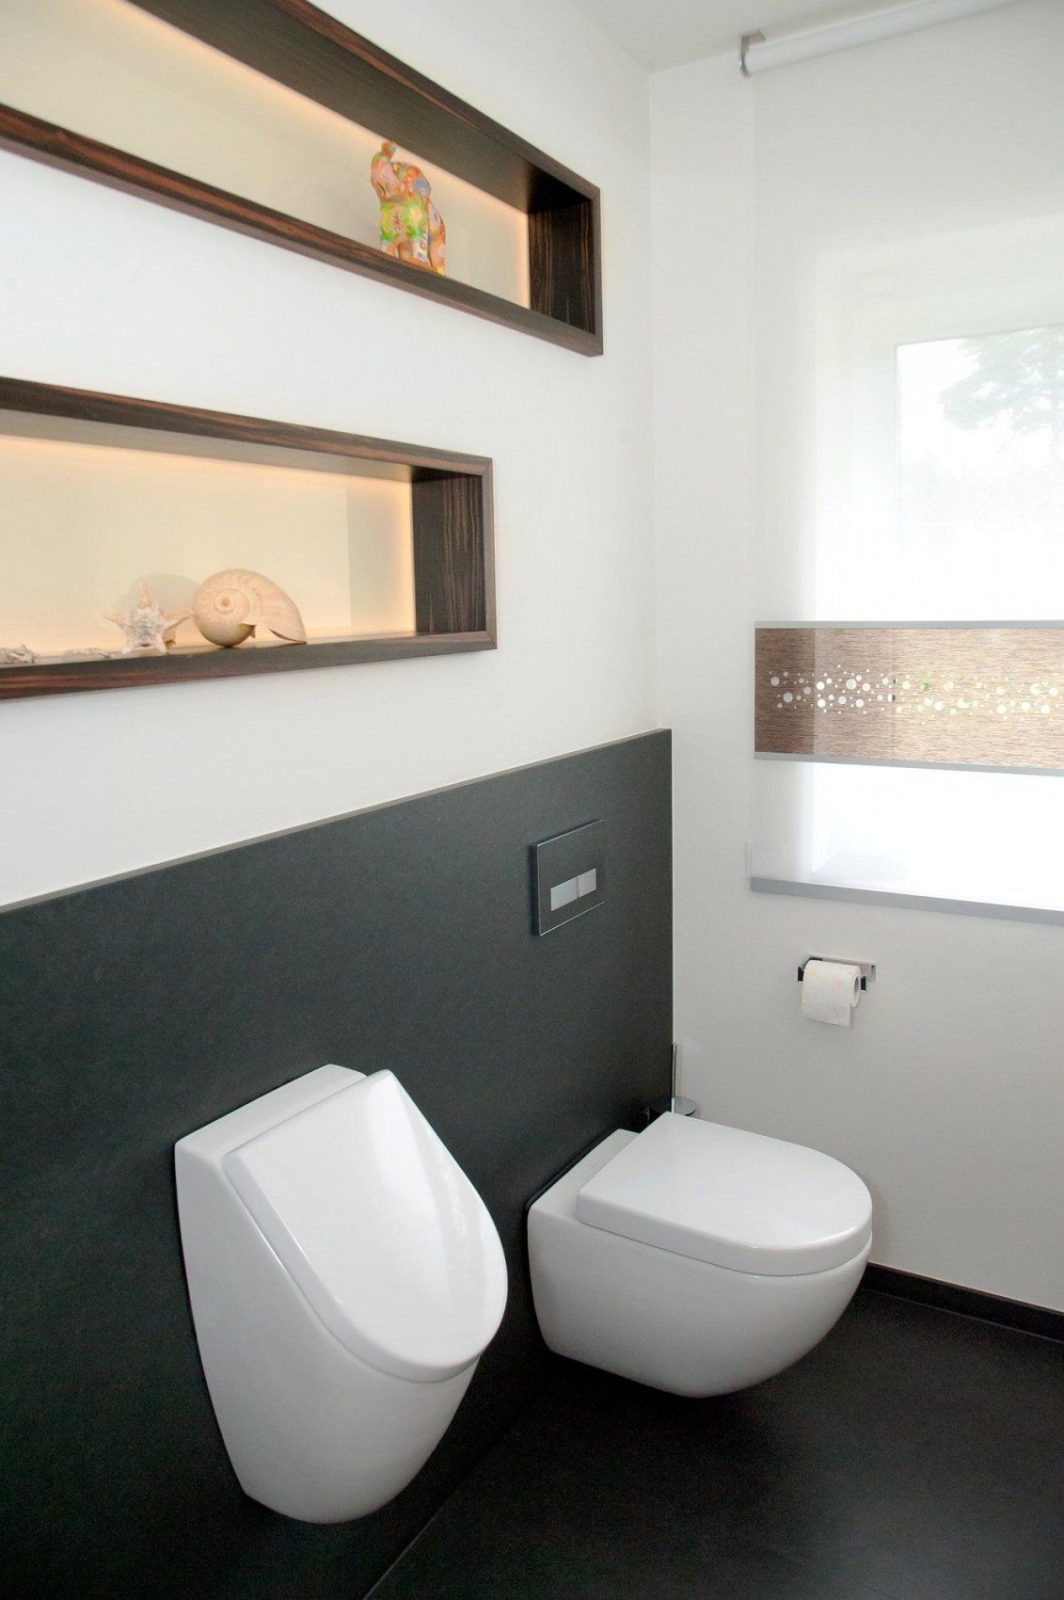 Makassarebenholz Und Naturstein In Gästewc│ Nrw  Wc Toiletten von Gäste Wc Design Ideen Photo